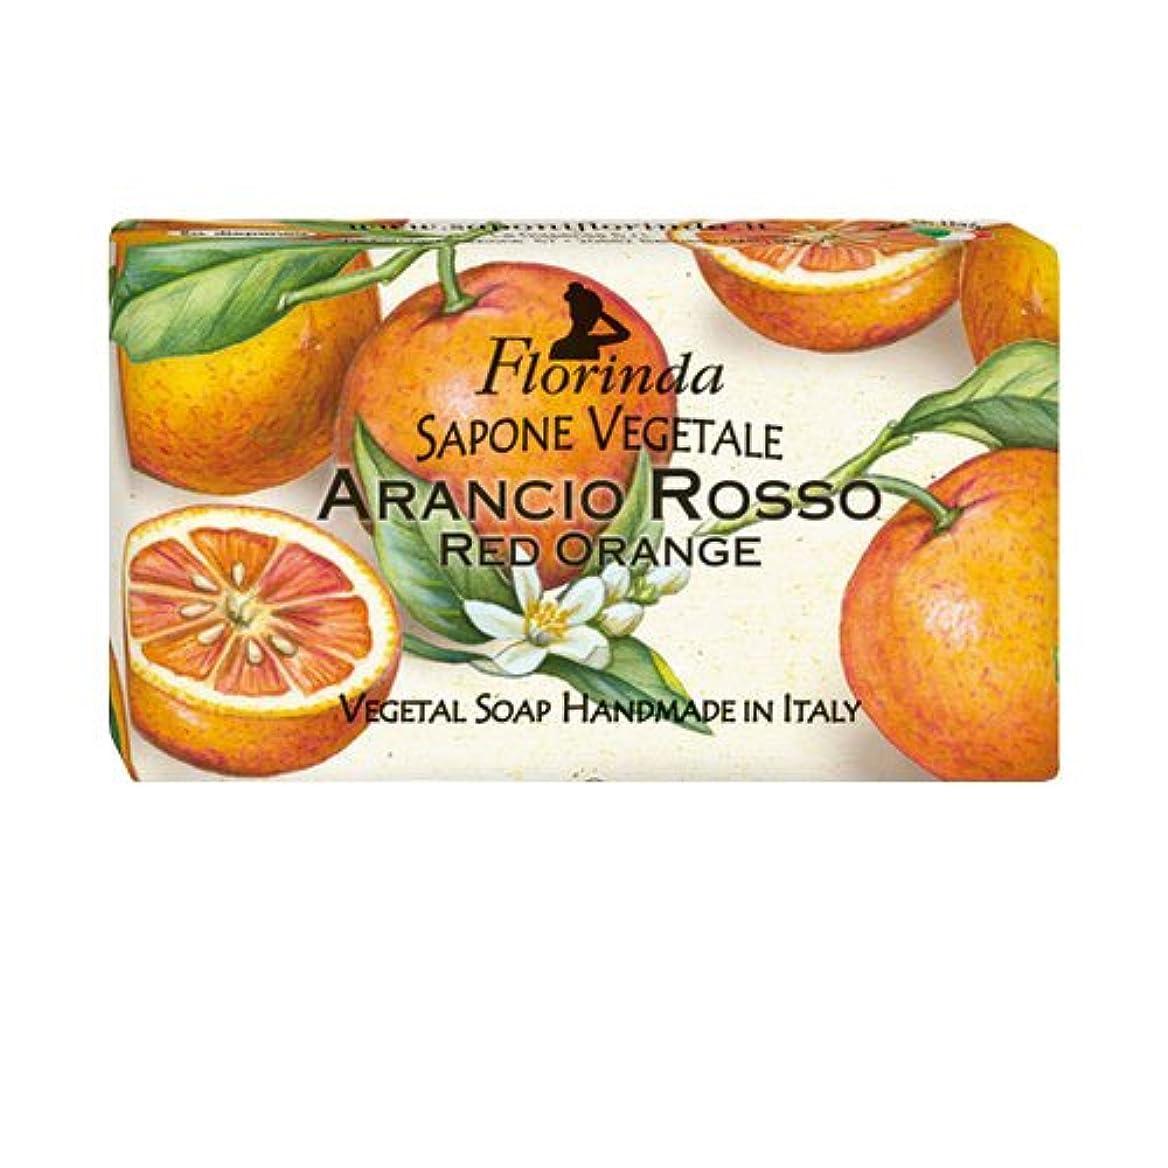 自体テーマスケートフロリンダ フレグランスソープ フルーツ レッドオレンジ 95g